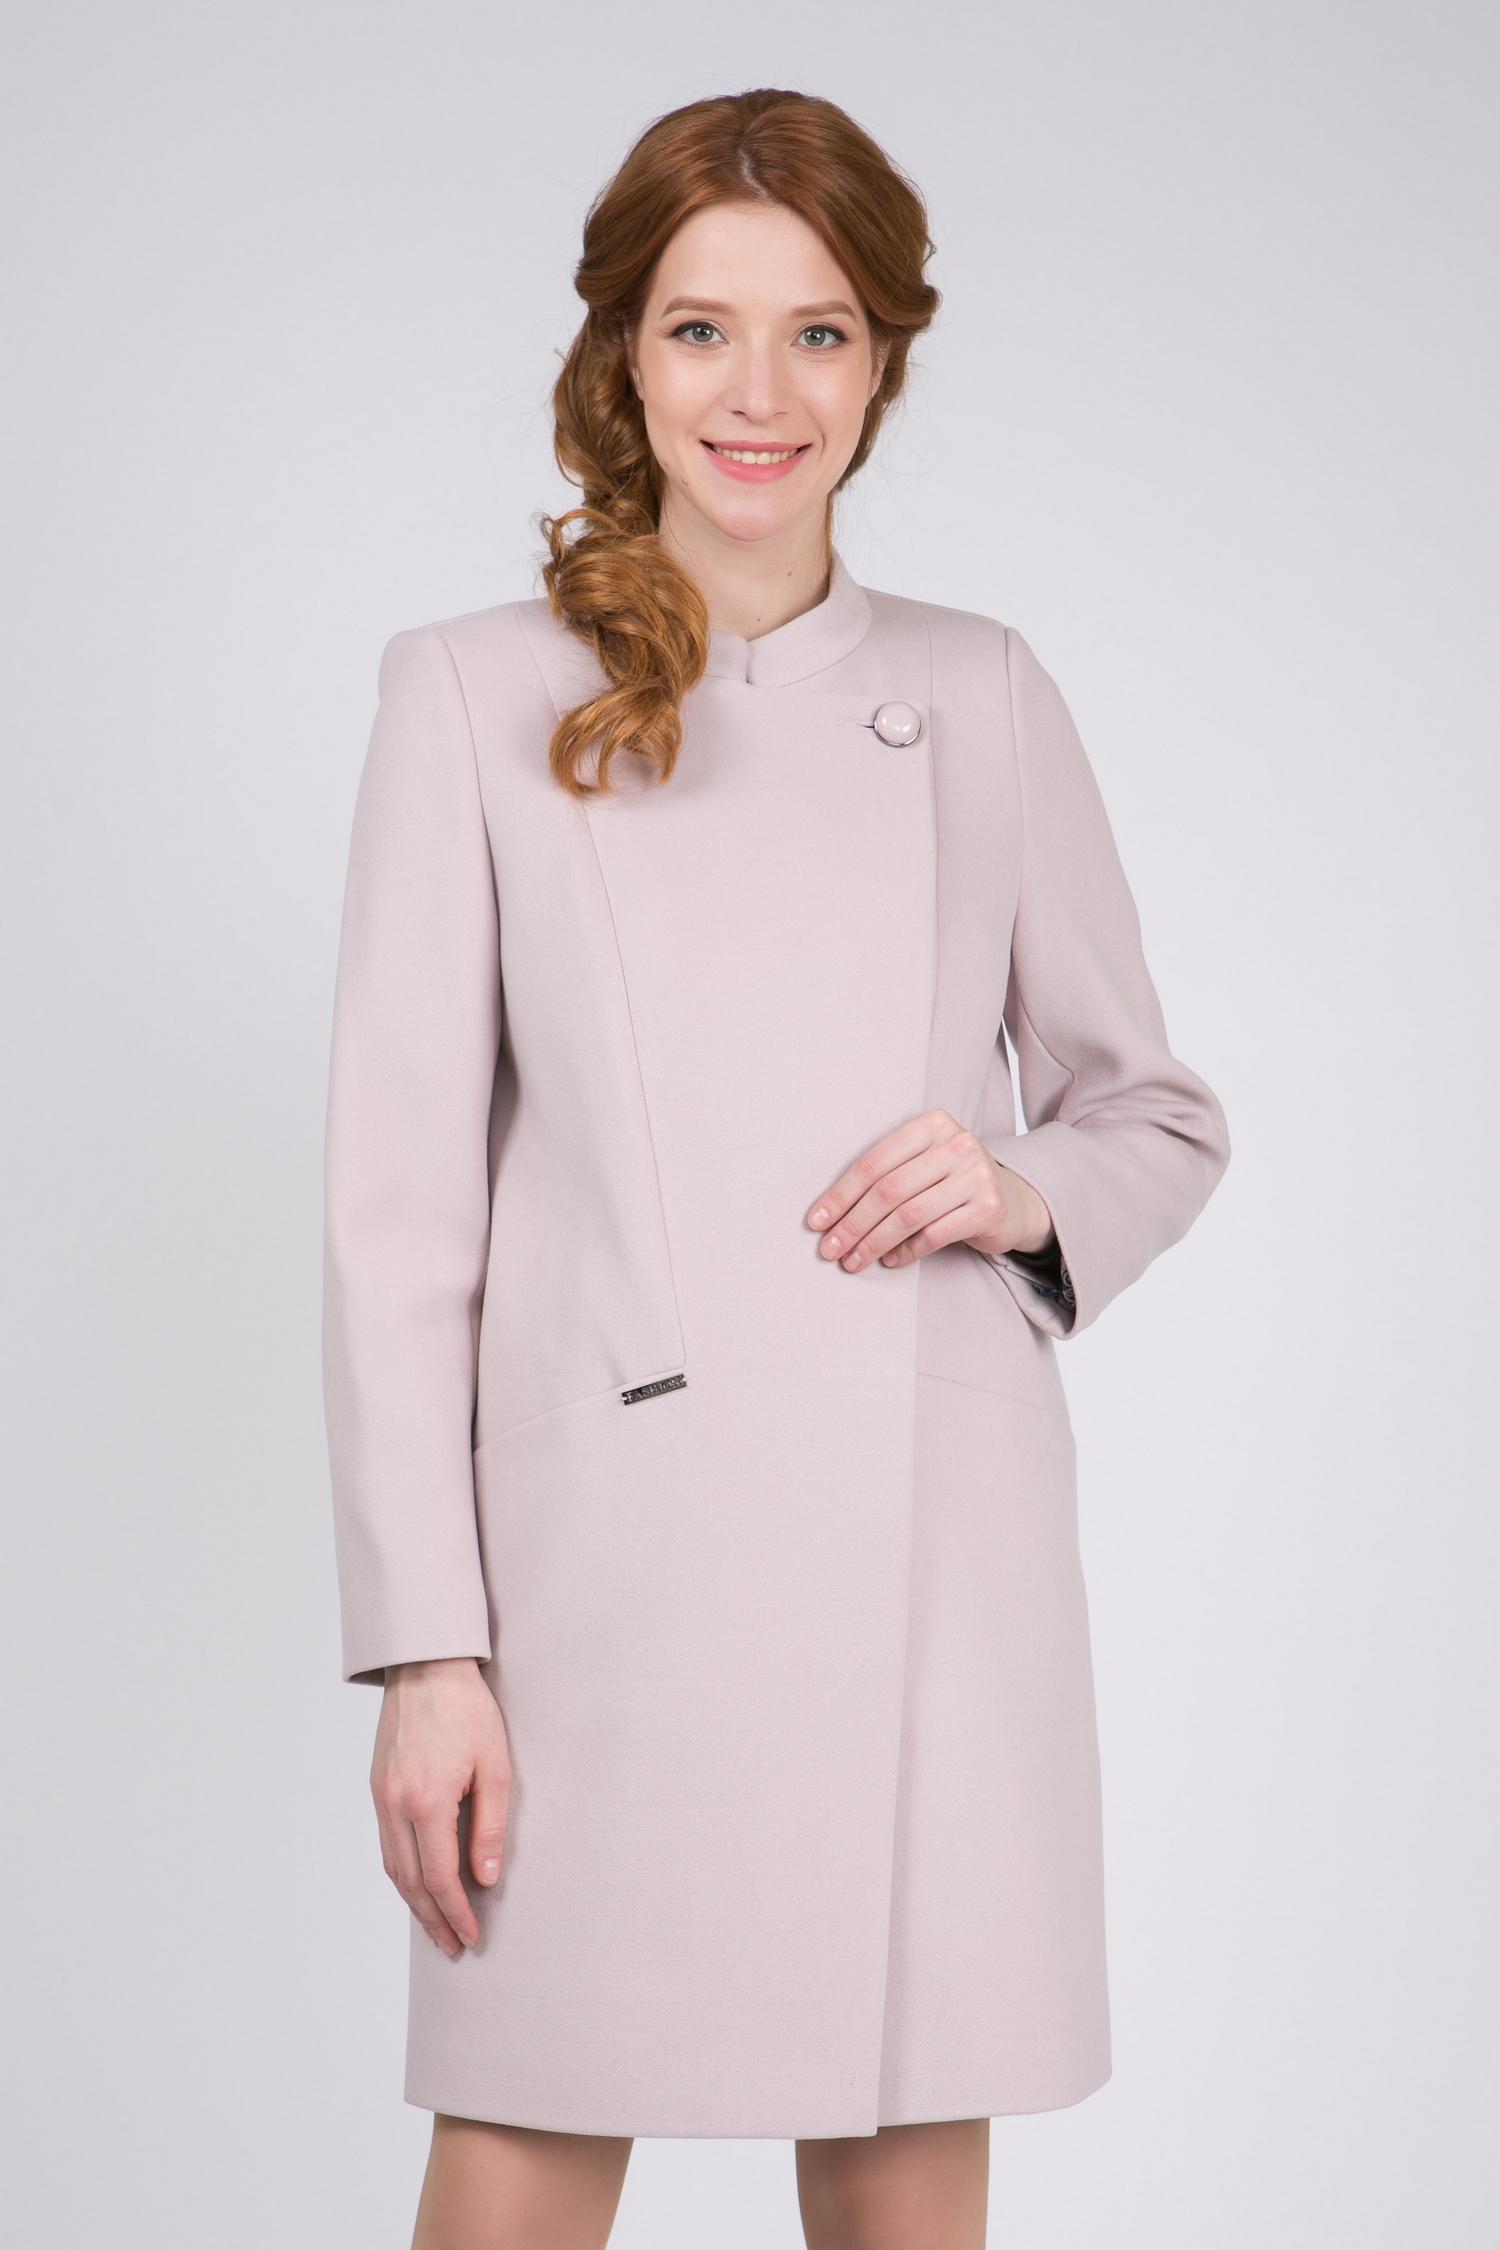 Пальто женское из текстиля с воротником, без отделки<br><br>Воротник: стойка<br>Длина см: Длинная (свыше 90)<br>Материал: Комбинированный состав<br>Цвет: розовый<br>Вид застежки: косая<br>Застежка: на пуговицы<br>Пол: Женский<br>Размер RU: 54